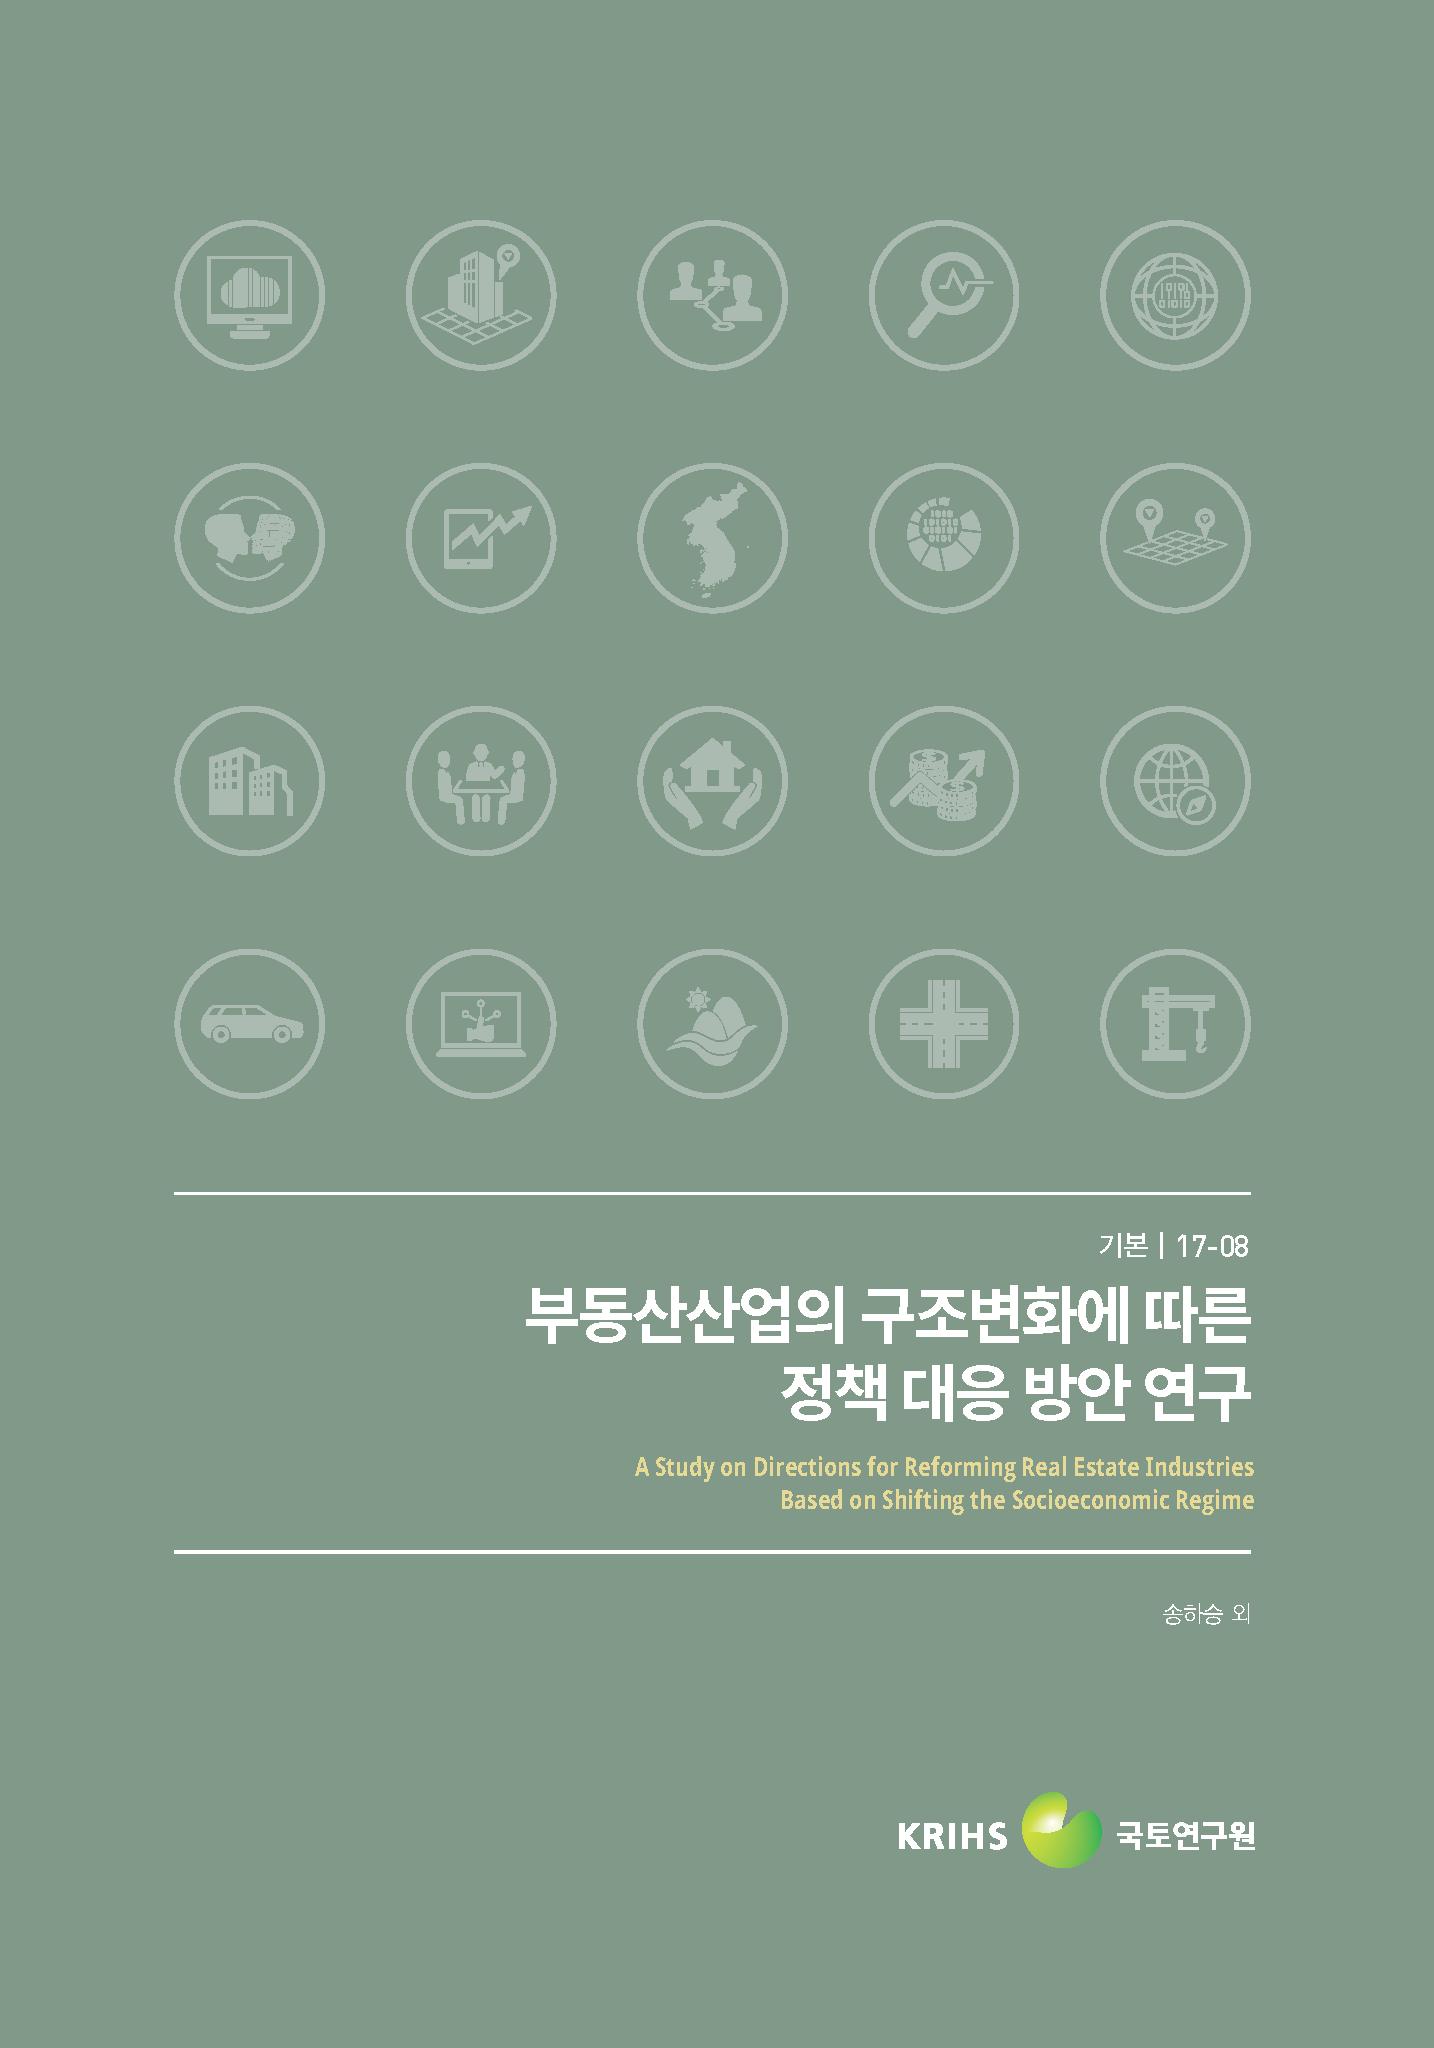 부동산산업의 구조변화에 따른 정책대응 방안 연구표지